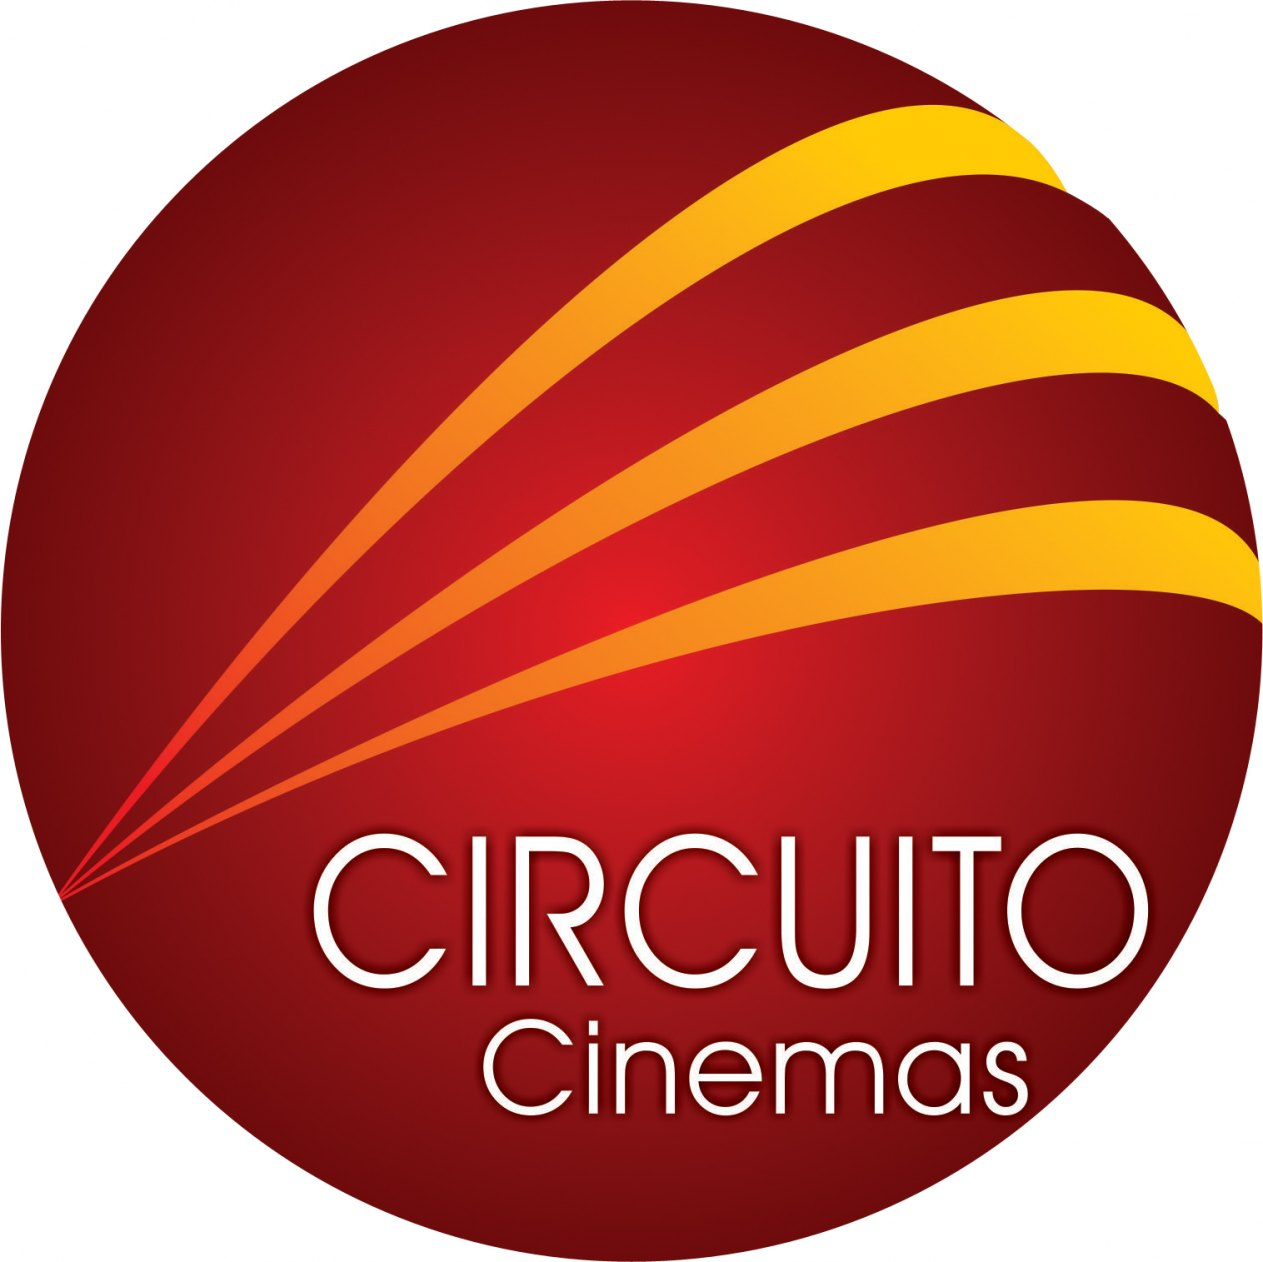 Circuito Cinemas